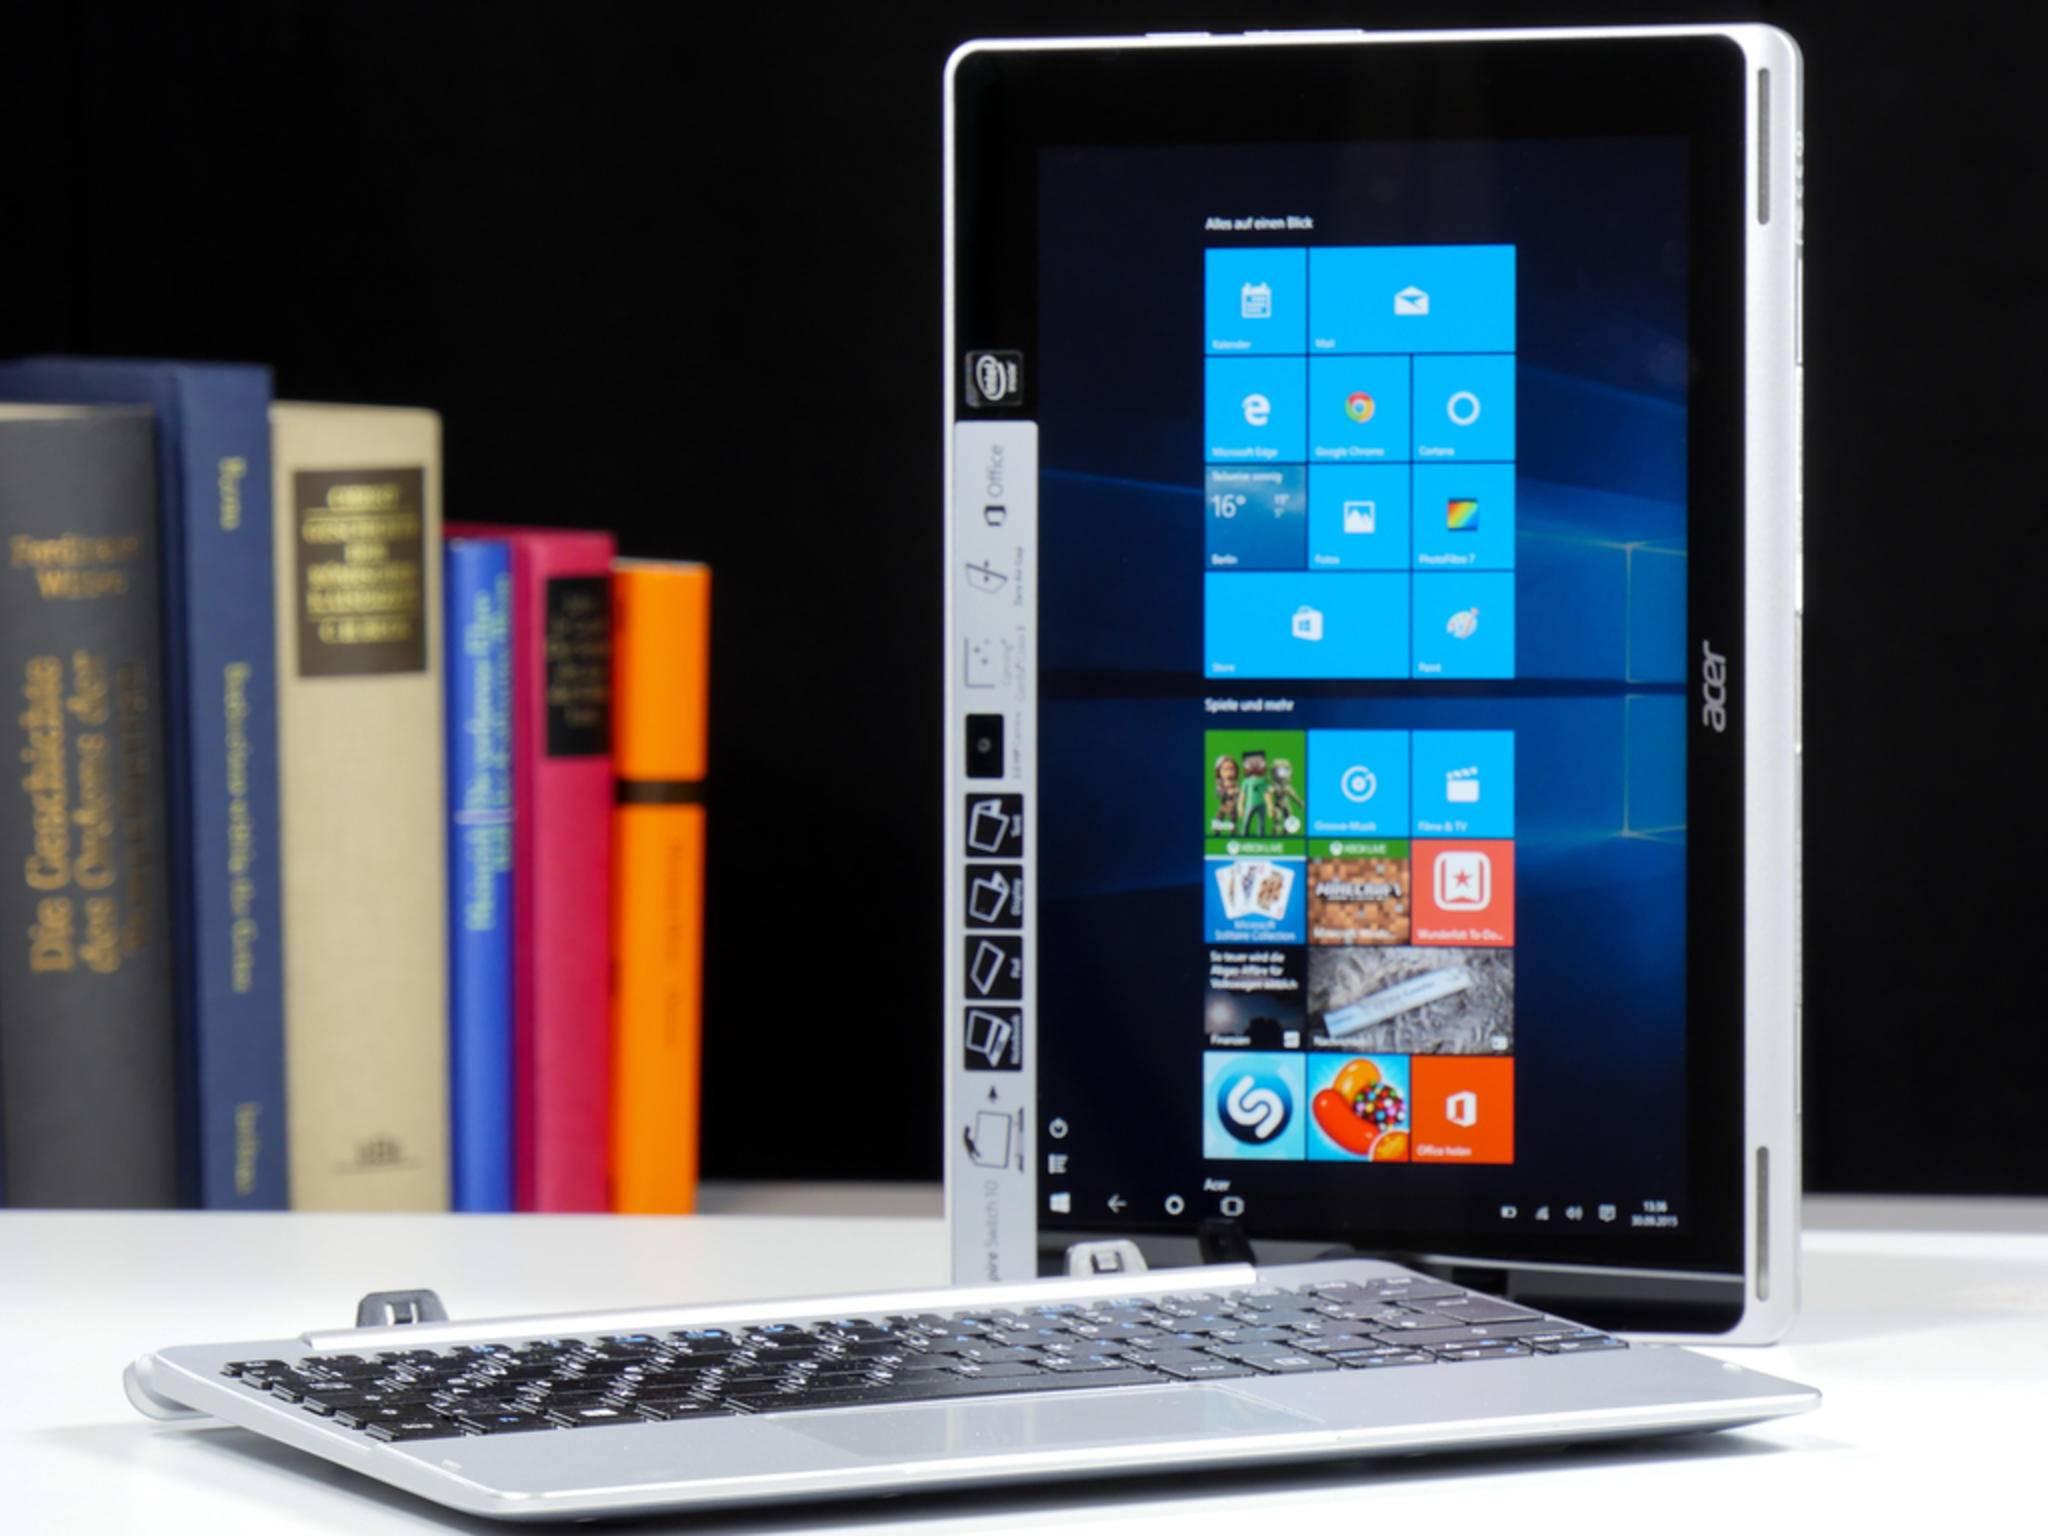 Mit diesen 5 Tipps kannst Du Windows 10 reparieren.